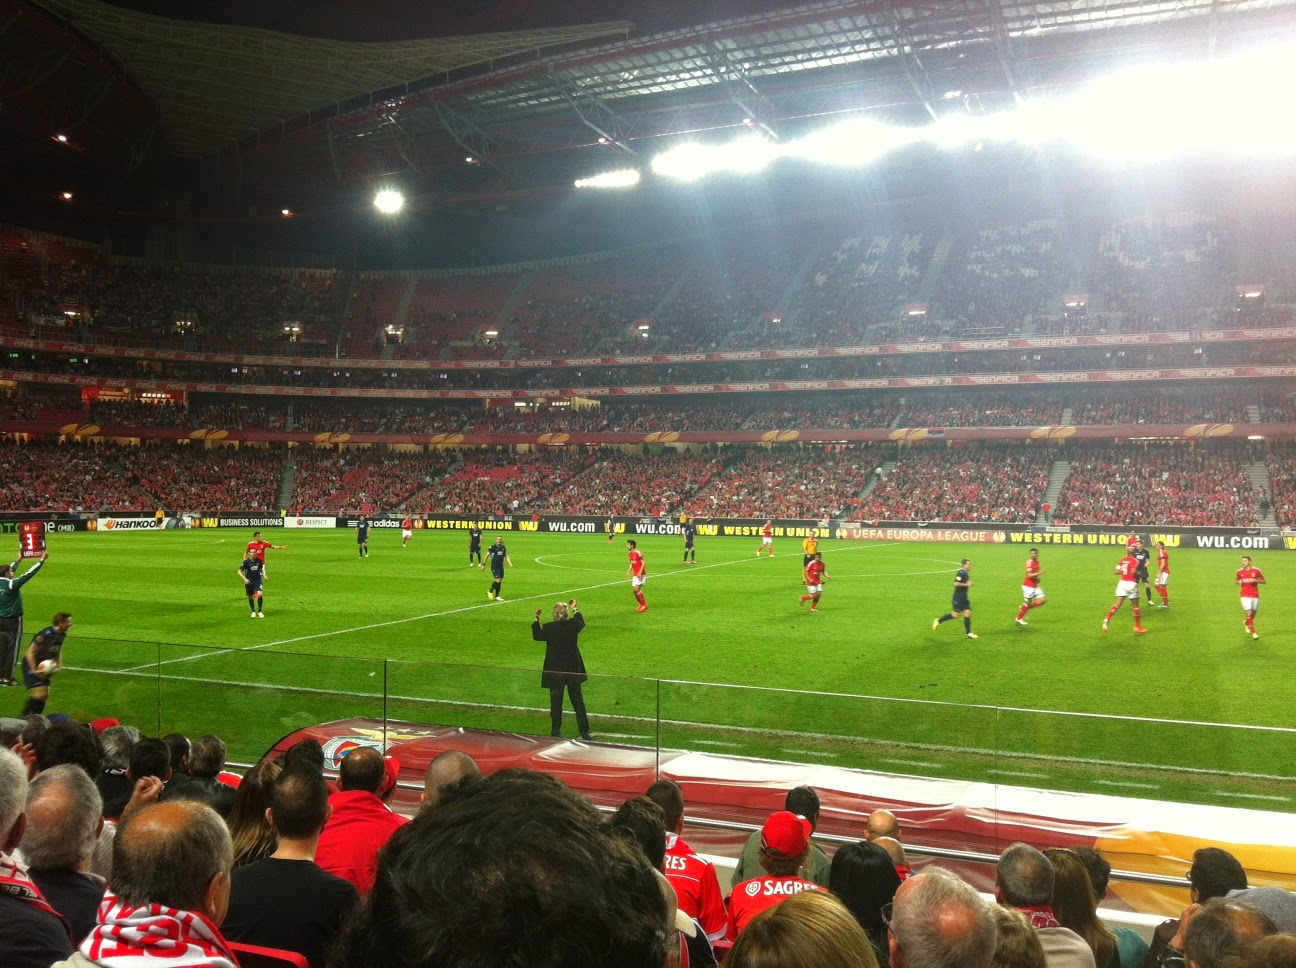 No Benfica - AZ Alkmaar com a Liliana a ver um jogo do Benfica pela primeira vez no Estádio da Luz, em que o Benfica ganhou por 2 a 0, passando às meias finais da Liga Europa.